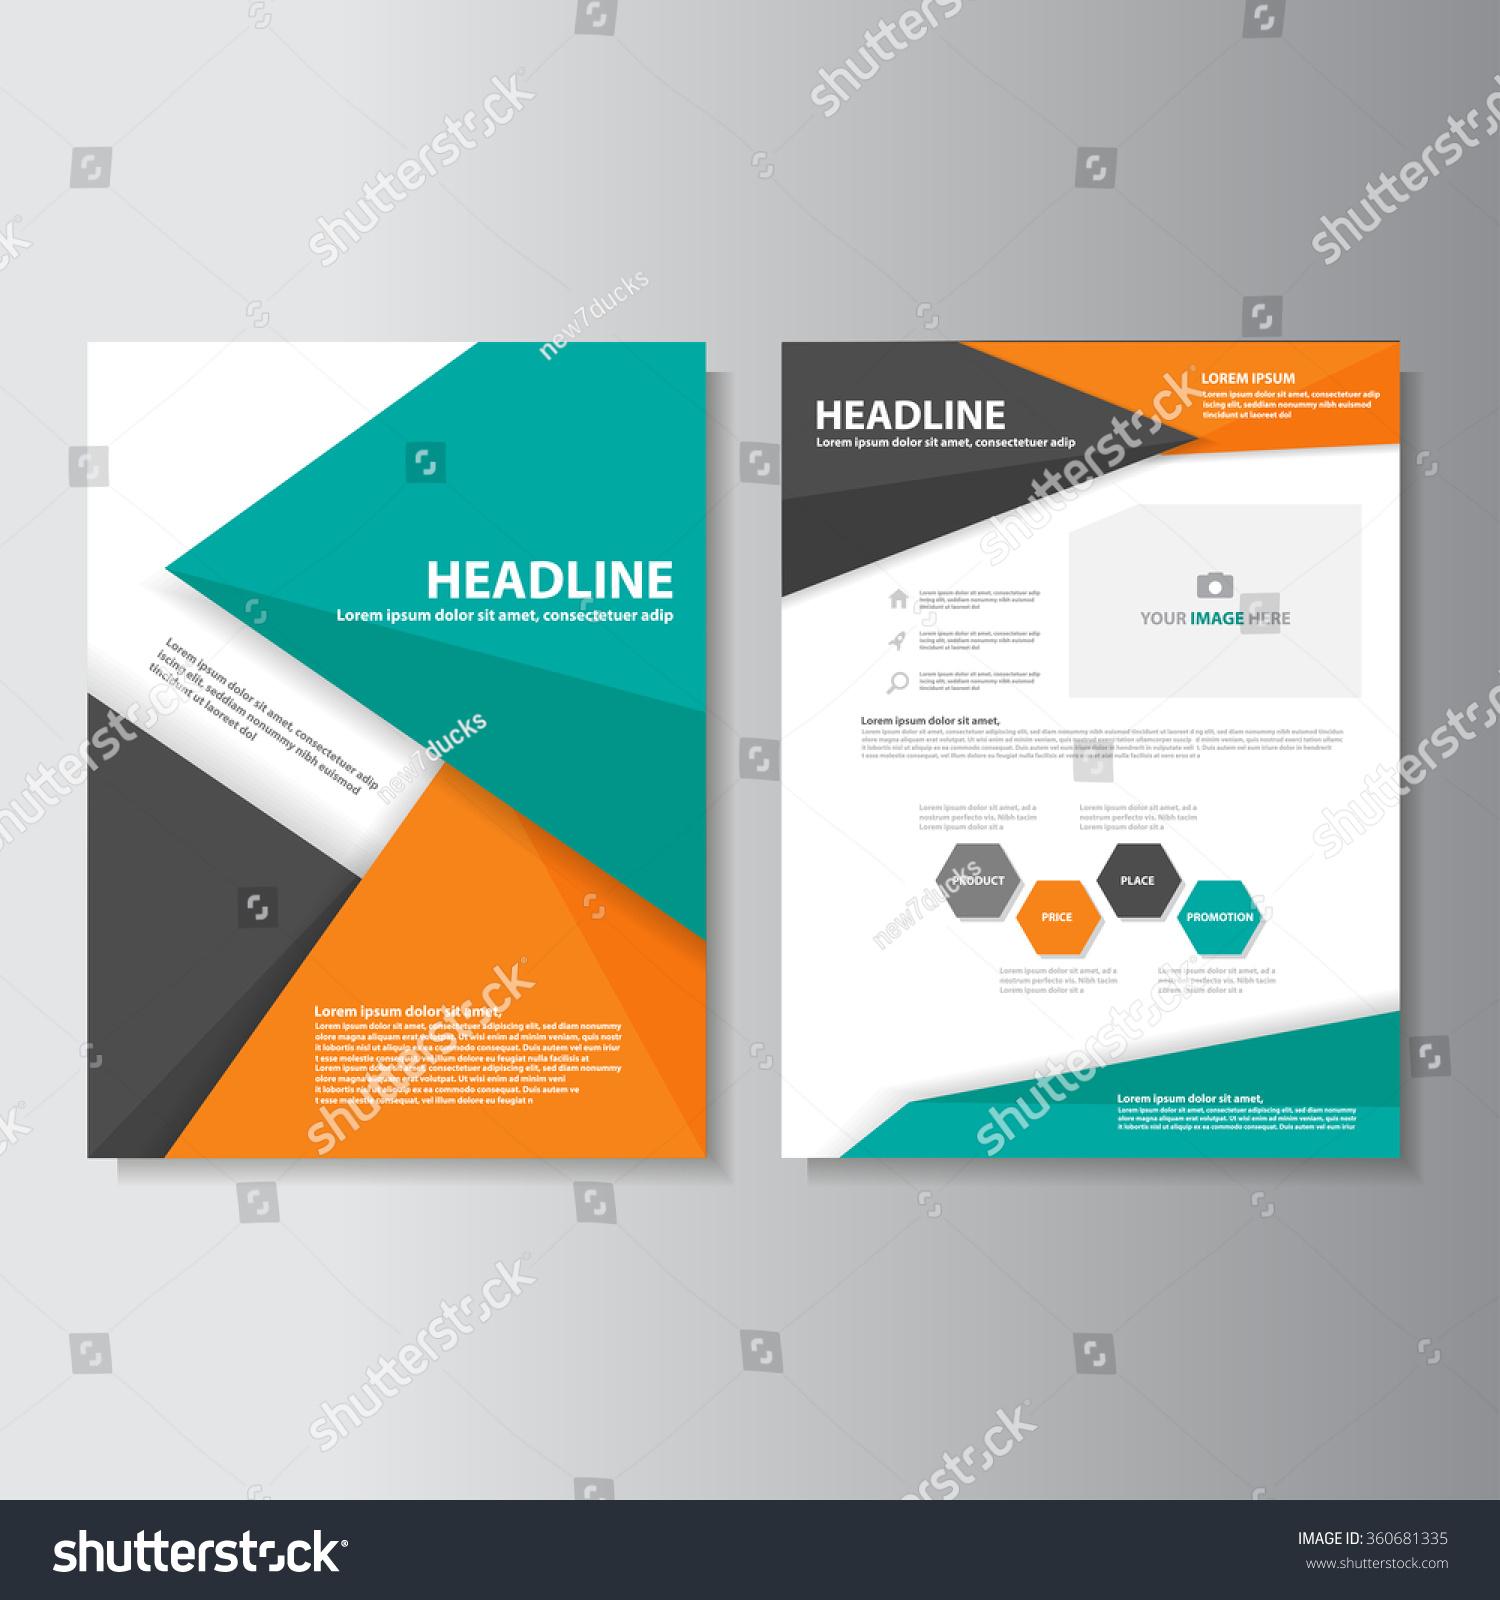 green orange brochure a flyer leaflet template set for marketing green orange brochure a4 flyer leaflet template set for marketing aand advertising